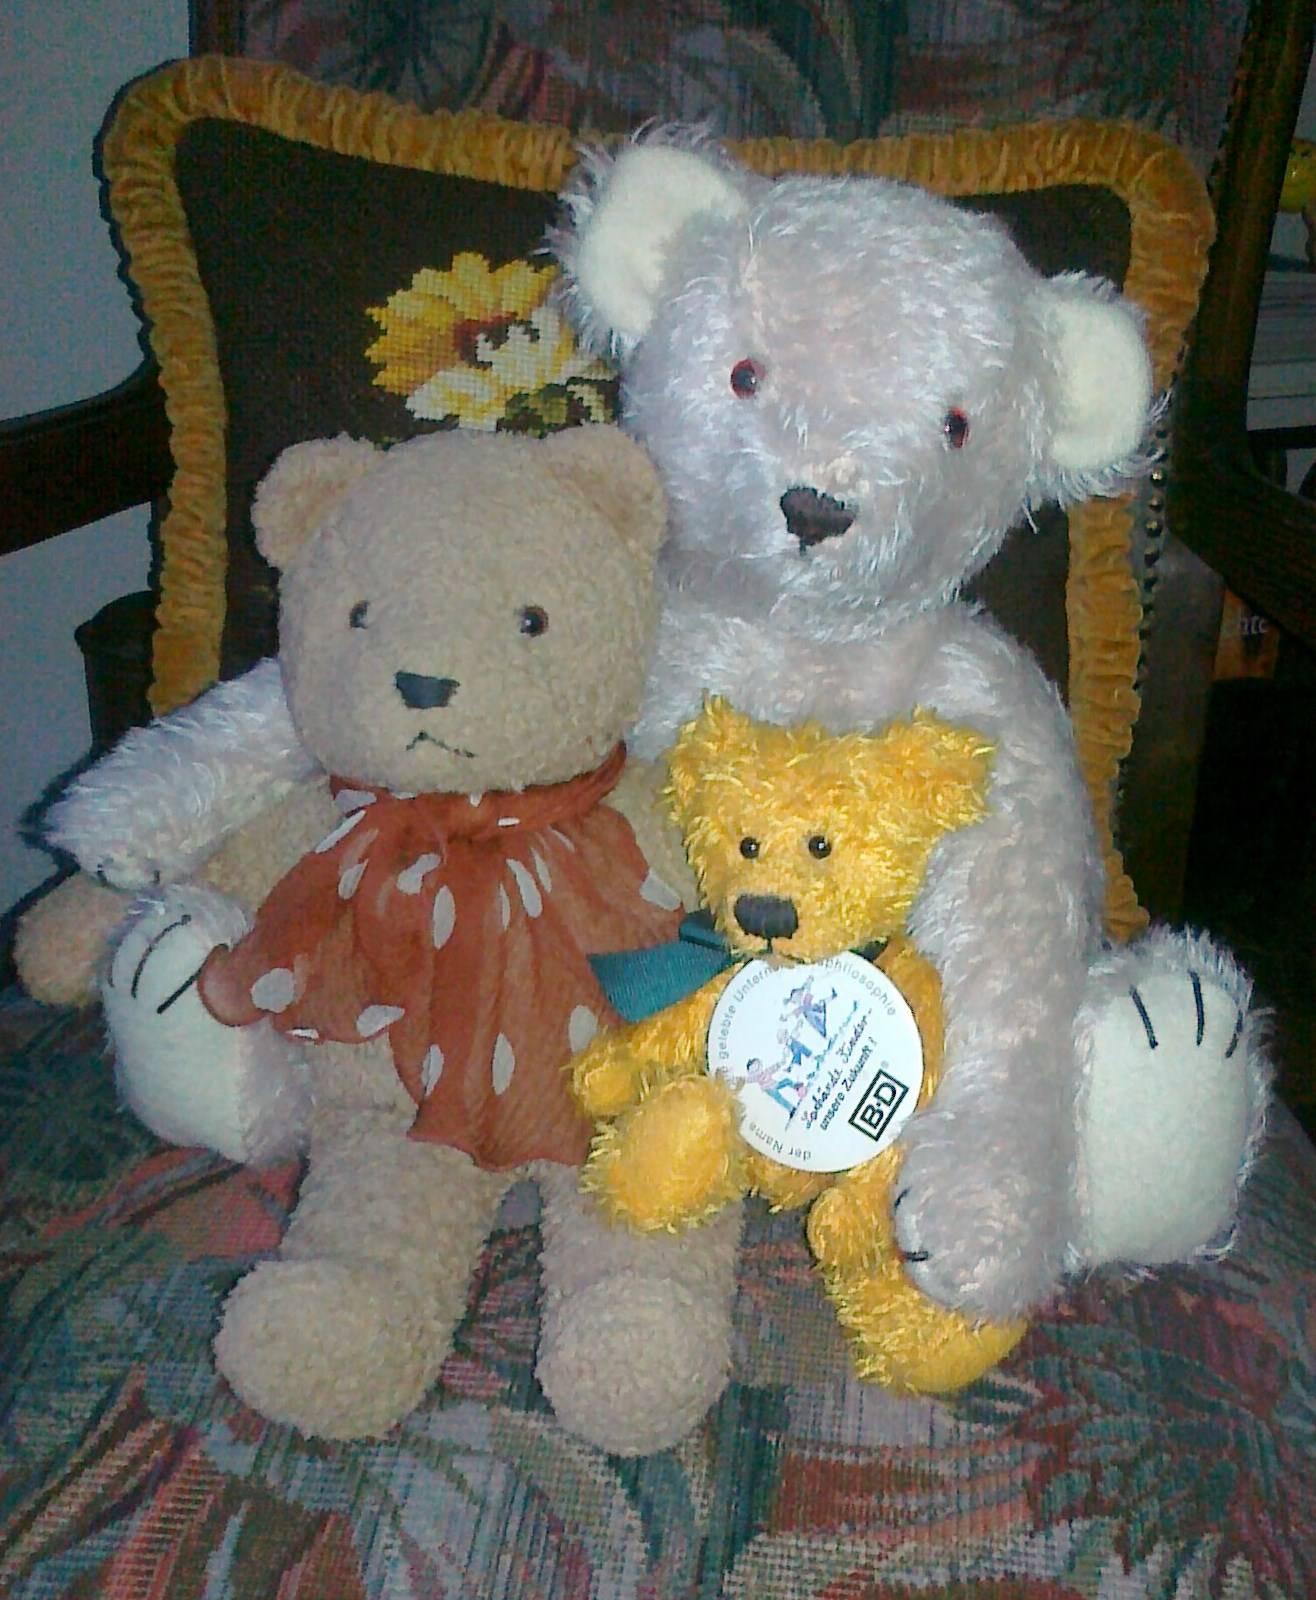 Der Teddy der mit mir spricht !